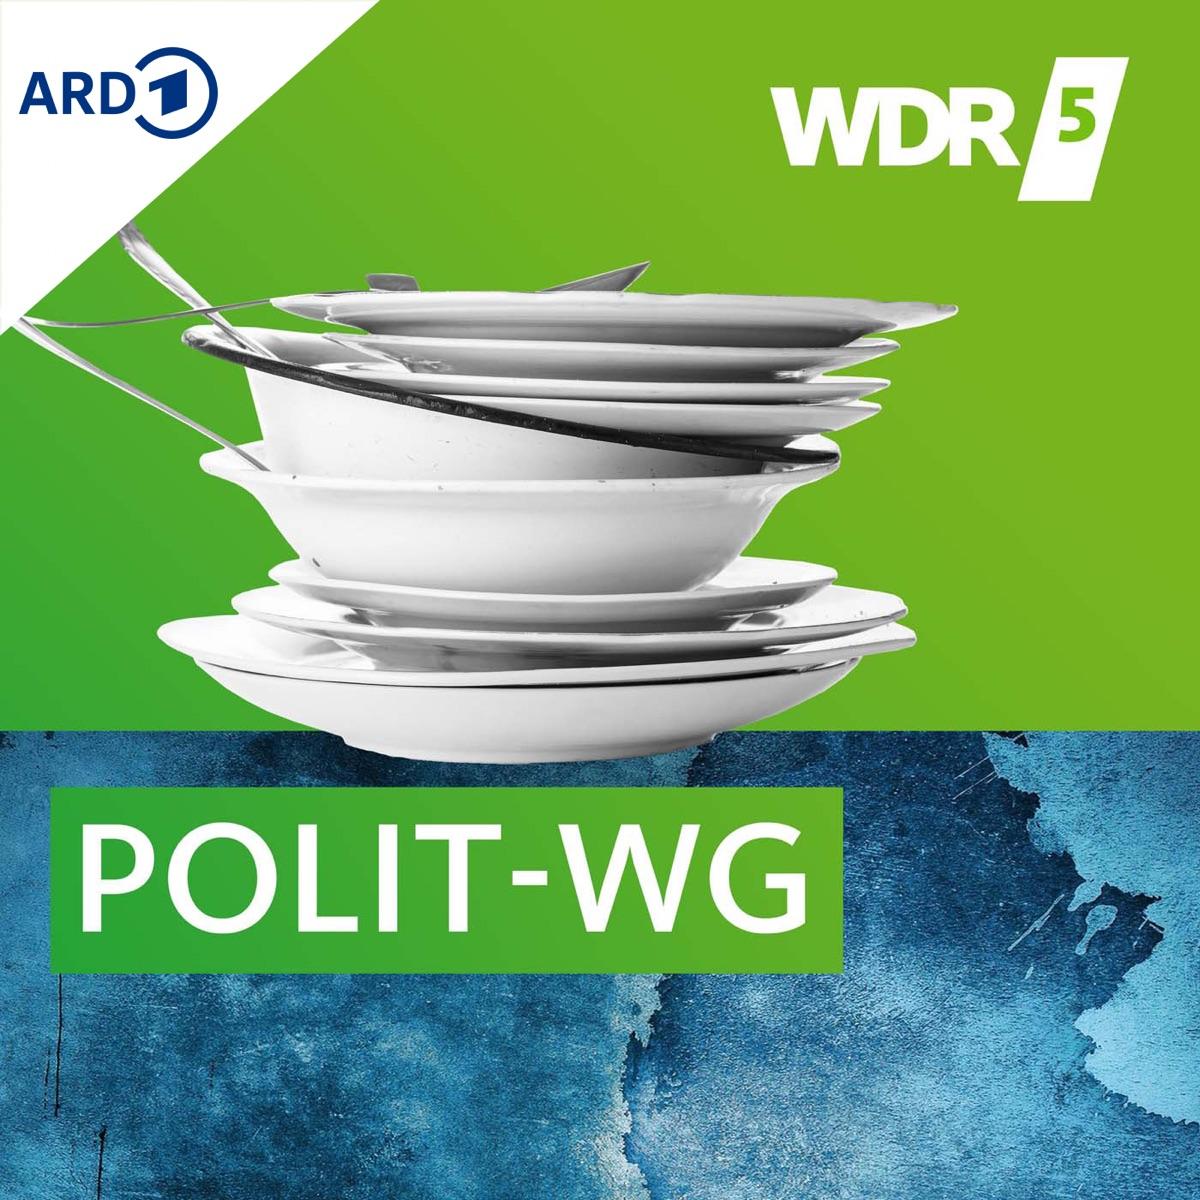 Polit Wg Wdr5